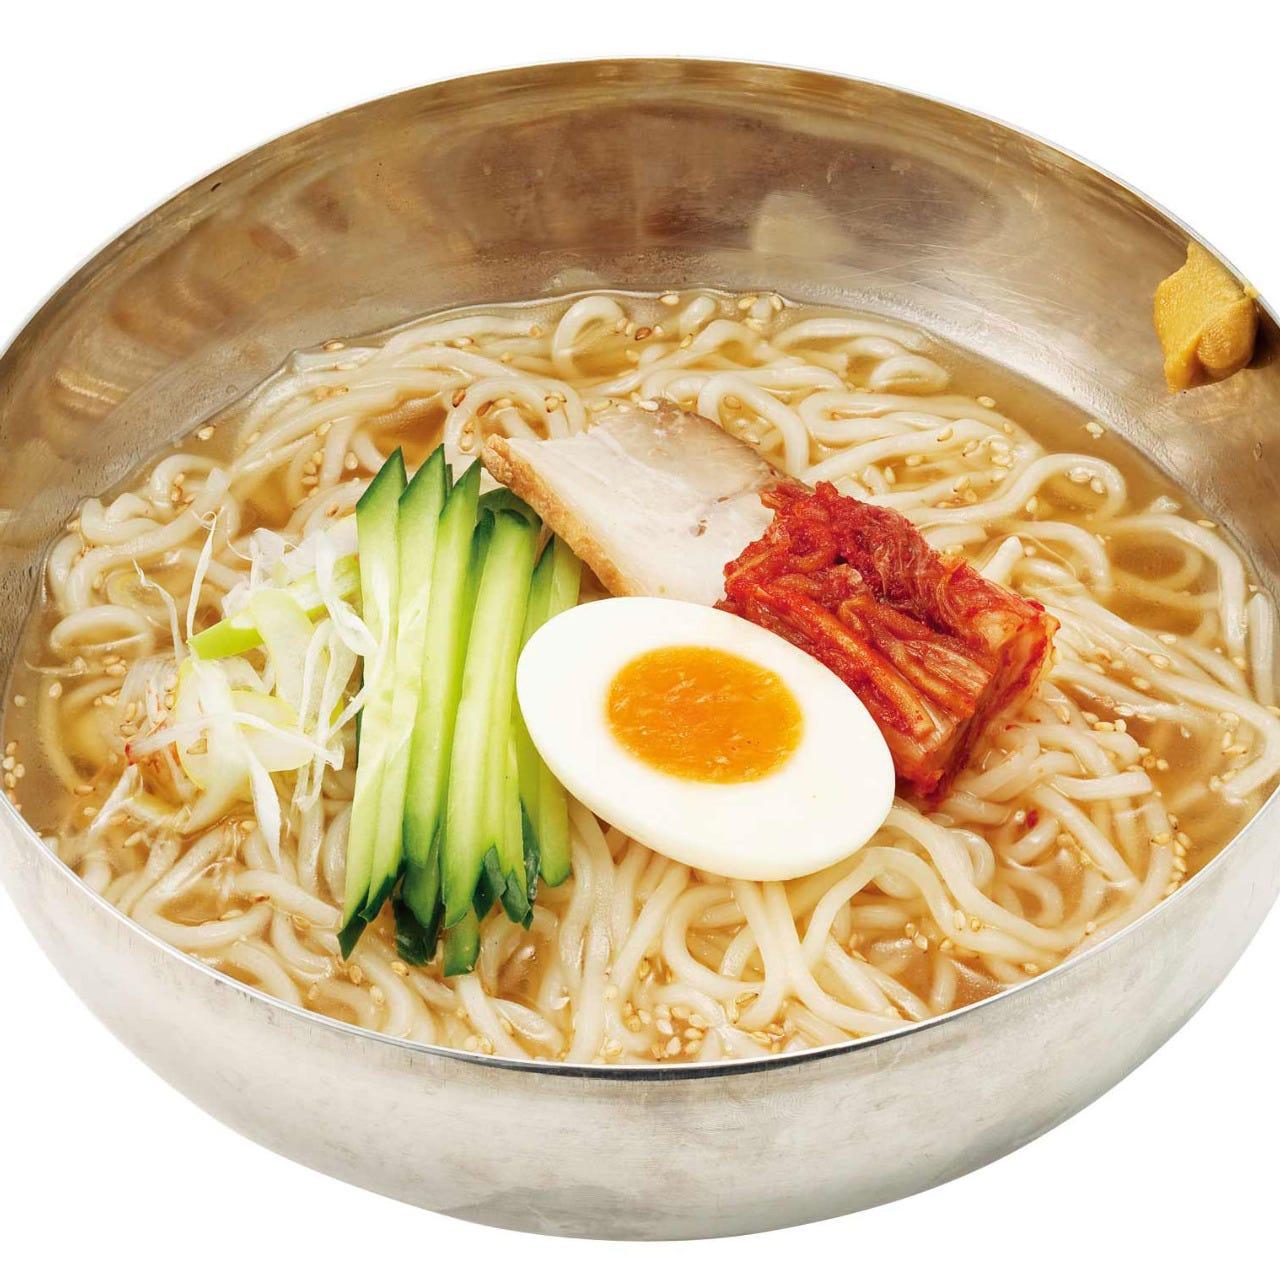 【100品以上食べ放題】牛角コース【夏季限定:冷麺付きで3,828円】